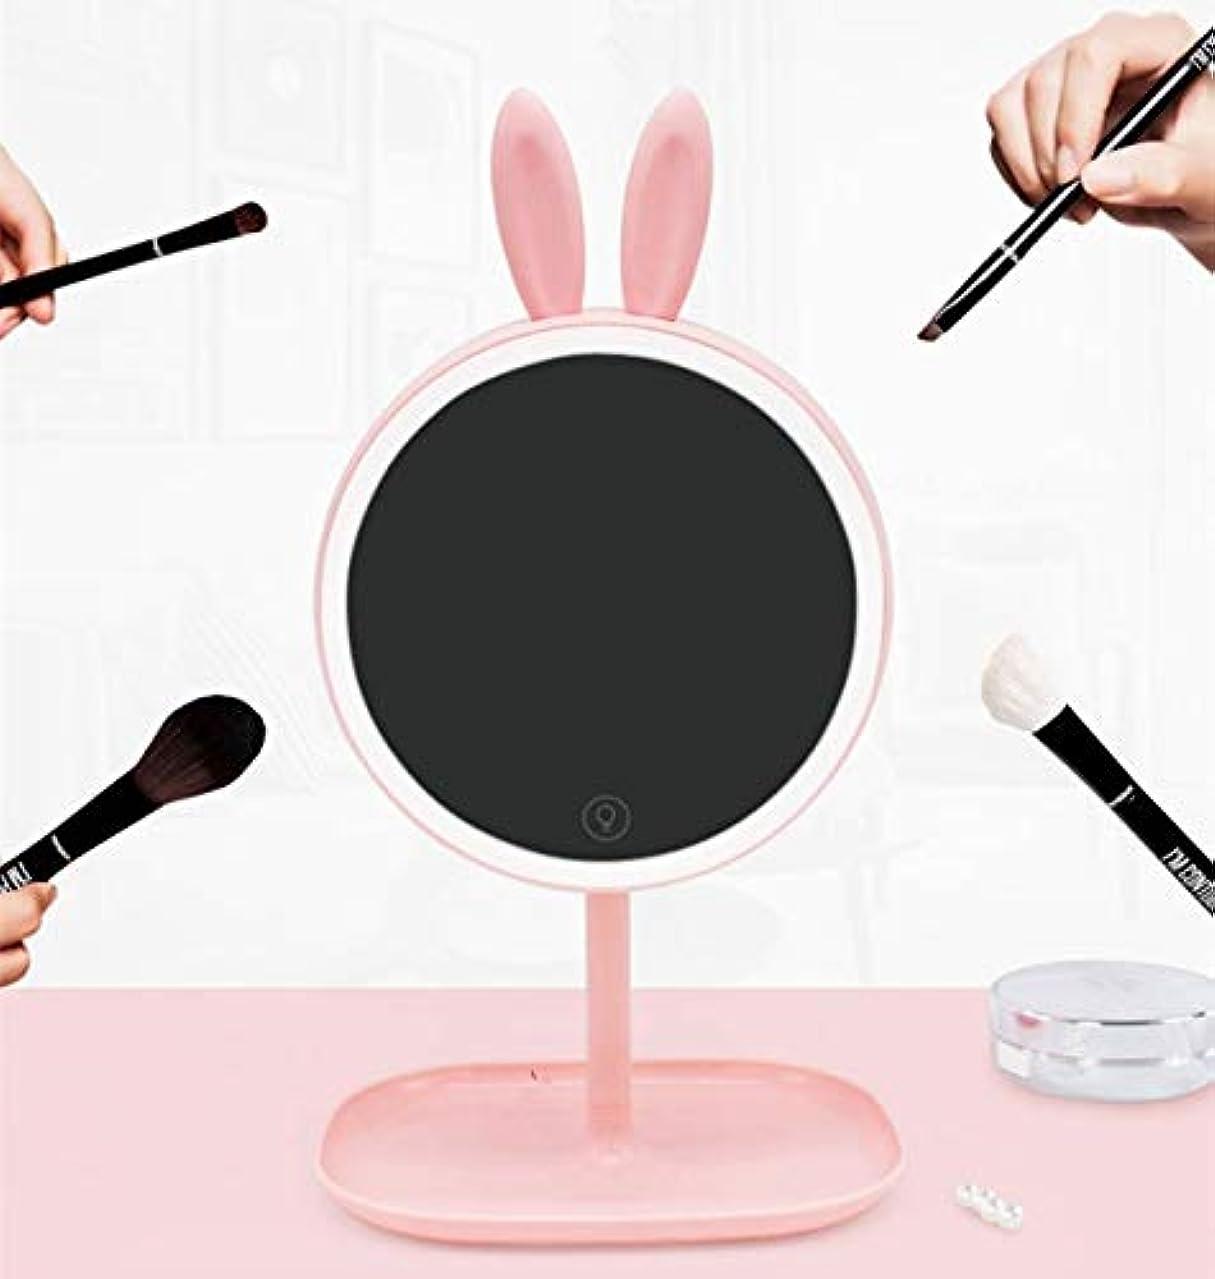 アルファベット順活発名前LED化粧鏡 化粧ミラー 鏡 女優ミラー led付き 明るさ調節可能 充電式 収納 自然光 柔らかい光 折りたたみ式 内蔵リチウム電池 (ピンク)